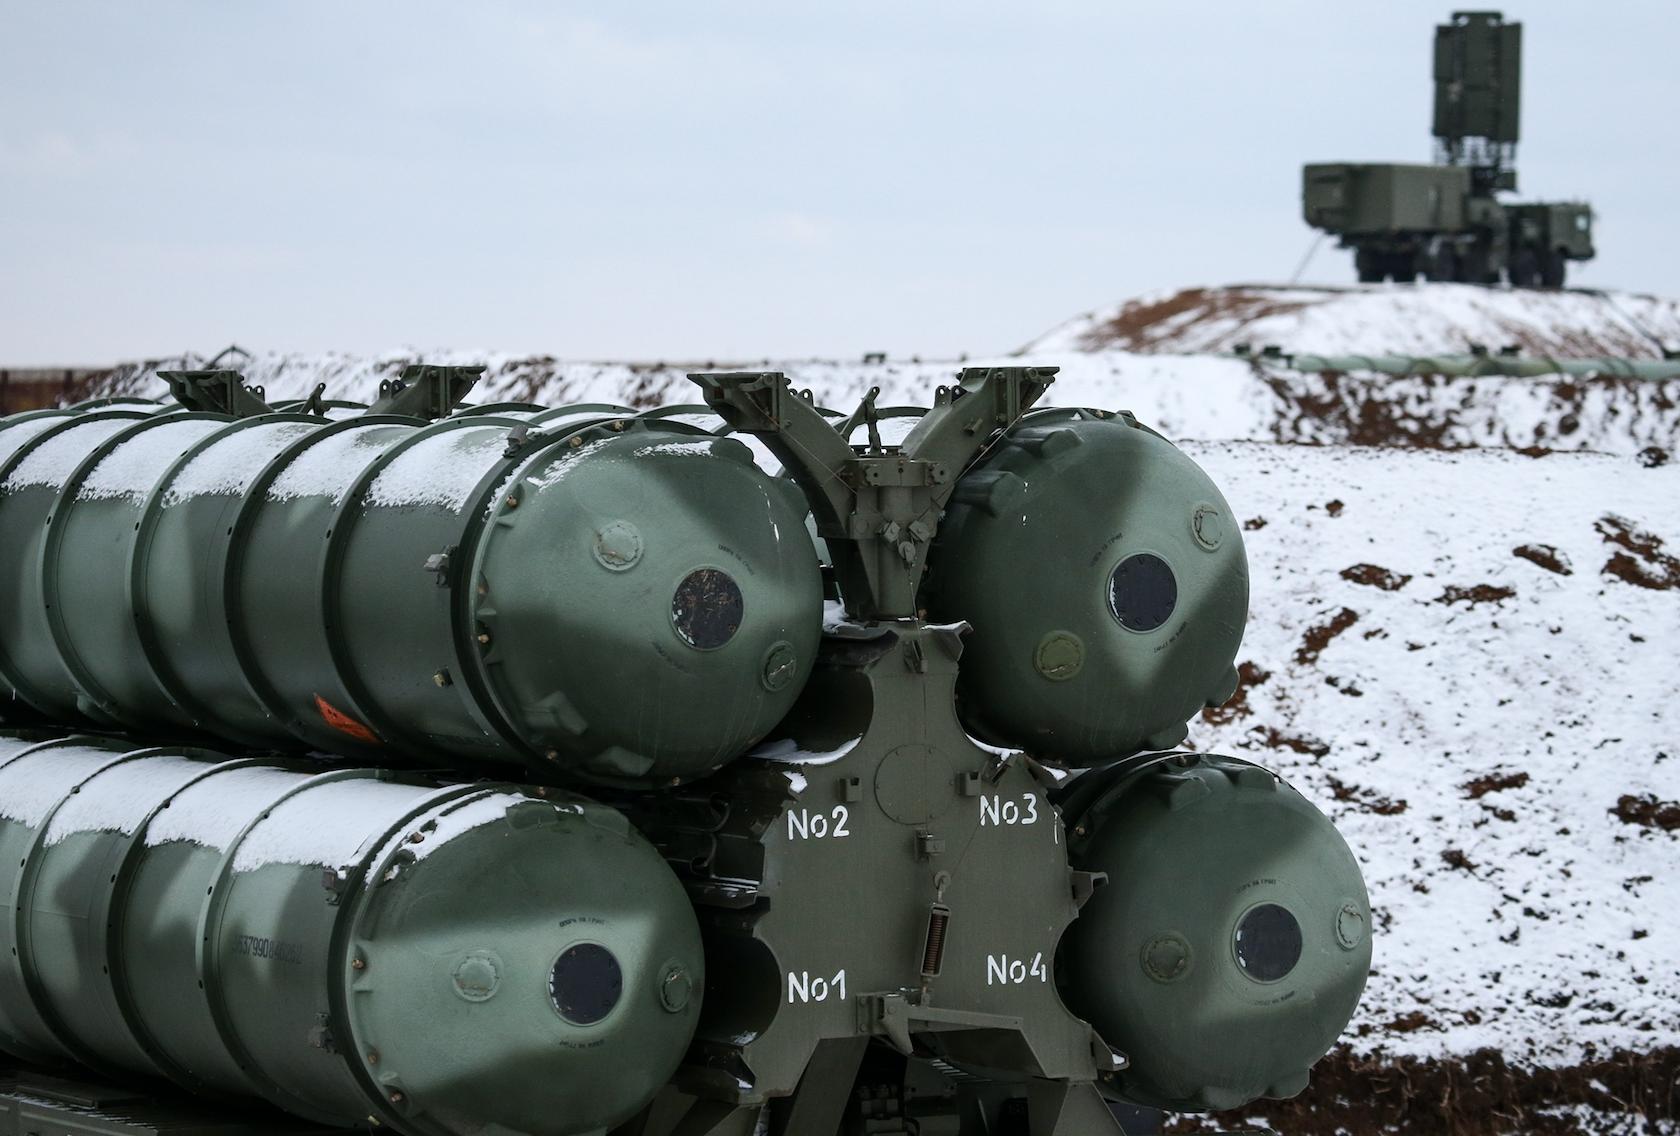 Эрдоган: Турция не собирается спрашивать у США разрешения на новые покупки С-400